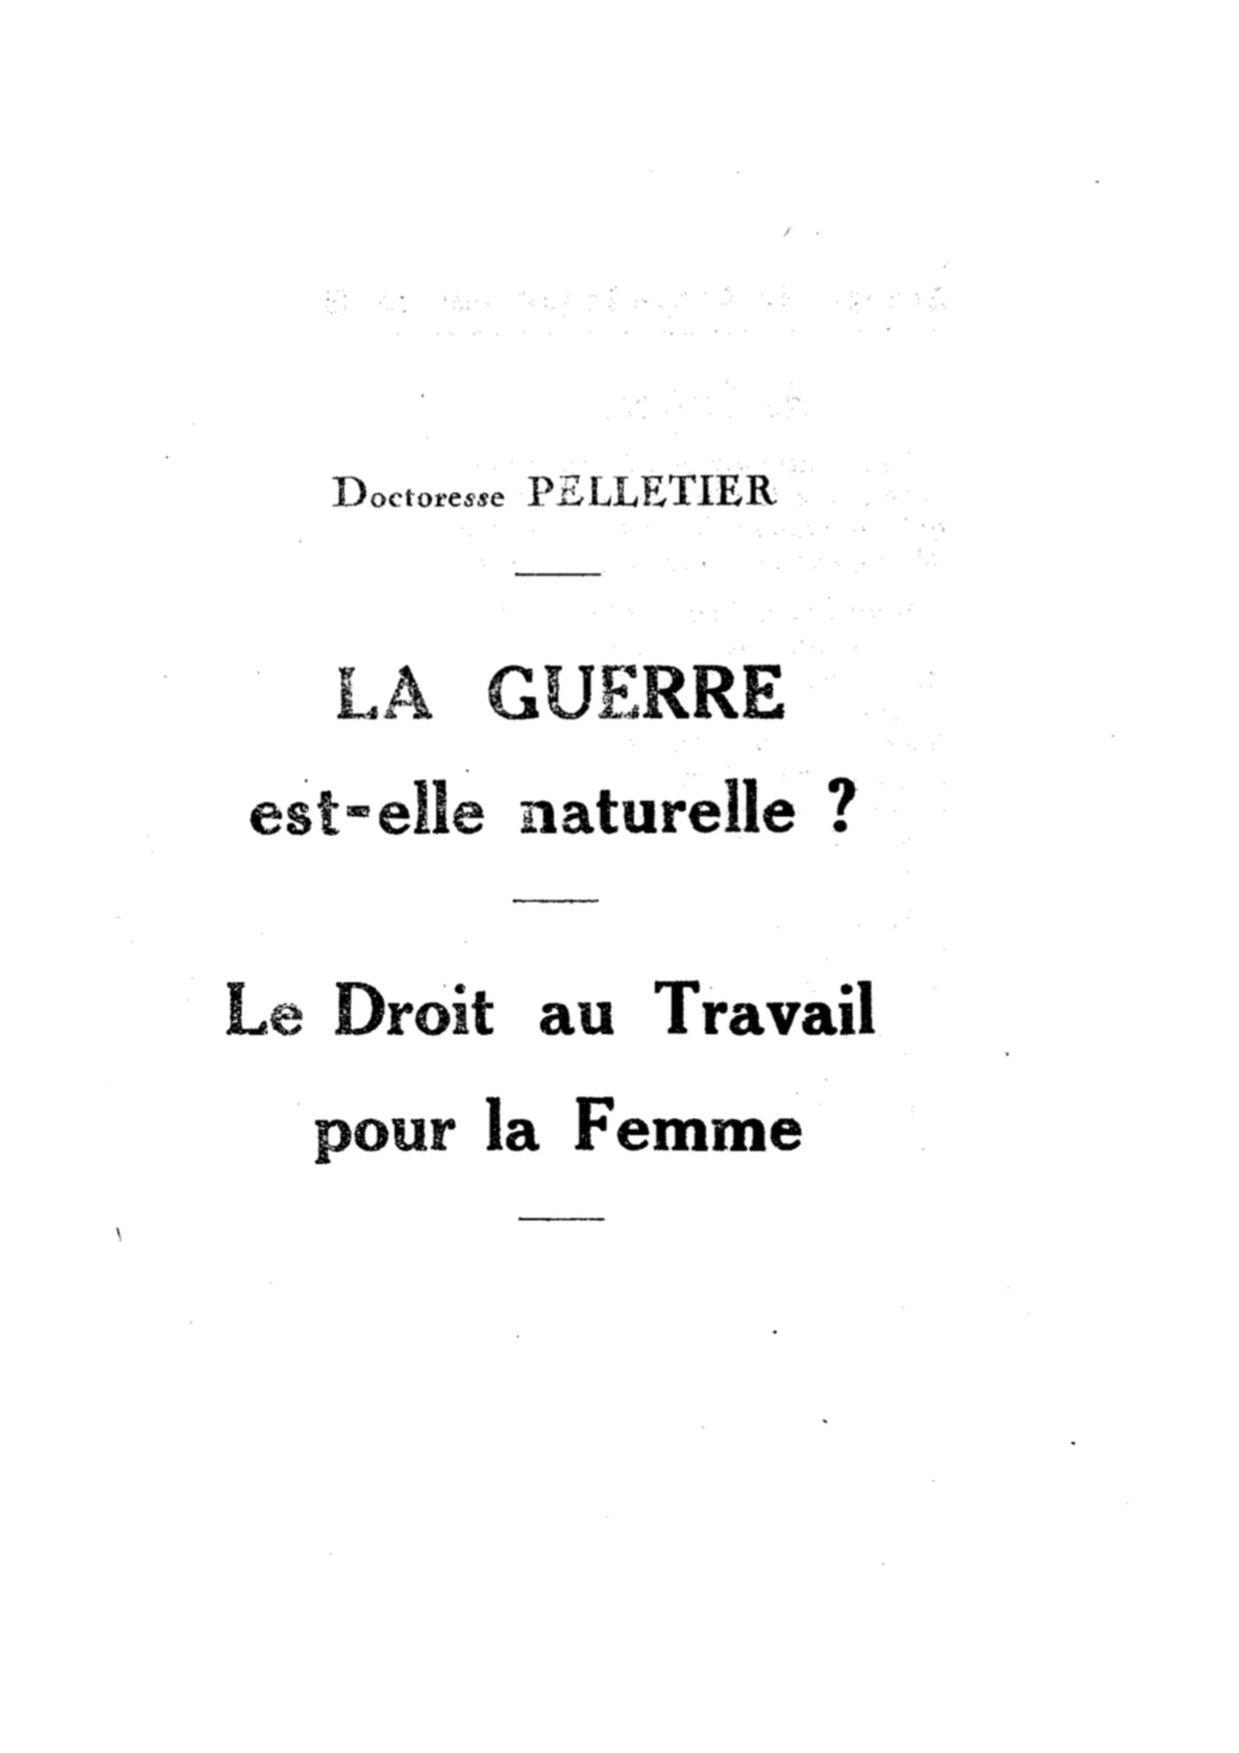 937203b5831 File Pelletier - La Guerre est-elle naturelle - Le Droit au travail pour la  femme.pdf